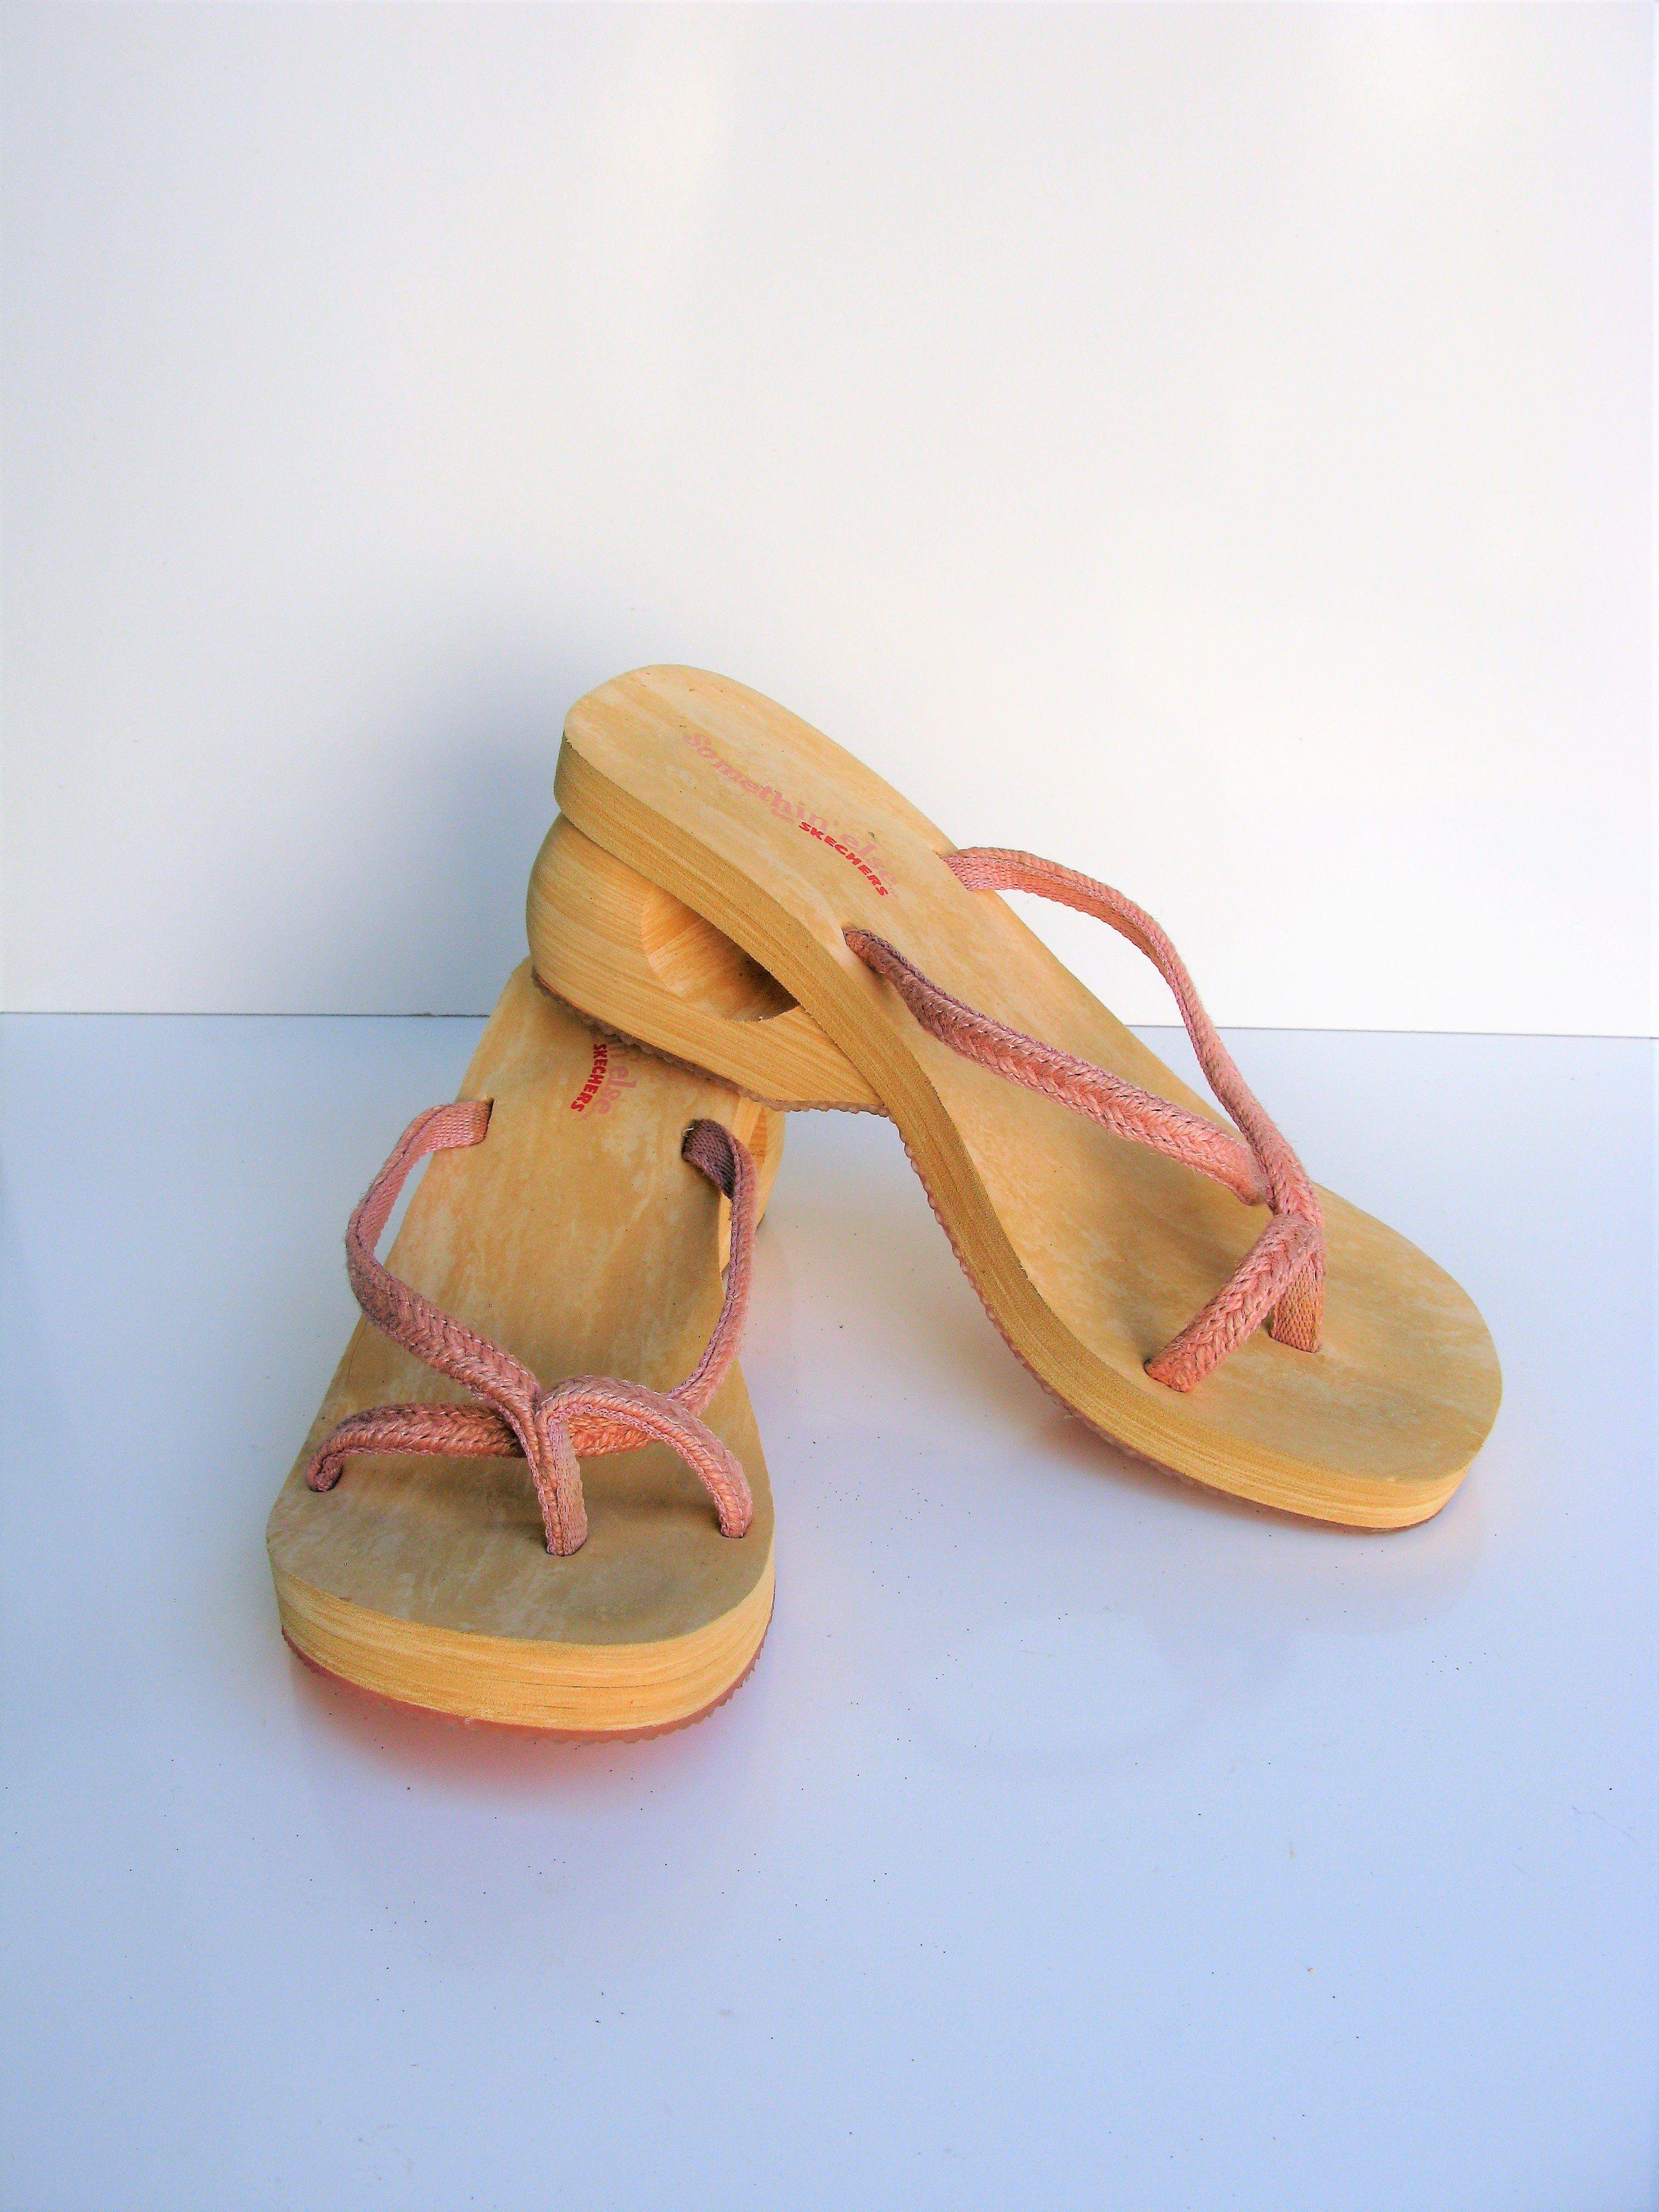 7090cd689da2 Somethin else Skechers Wedge Flip Flop Sandal 9